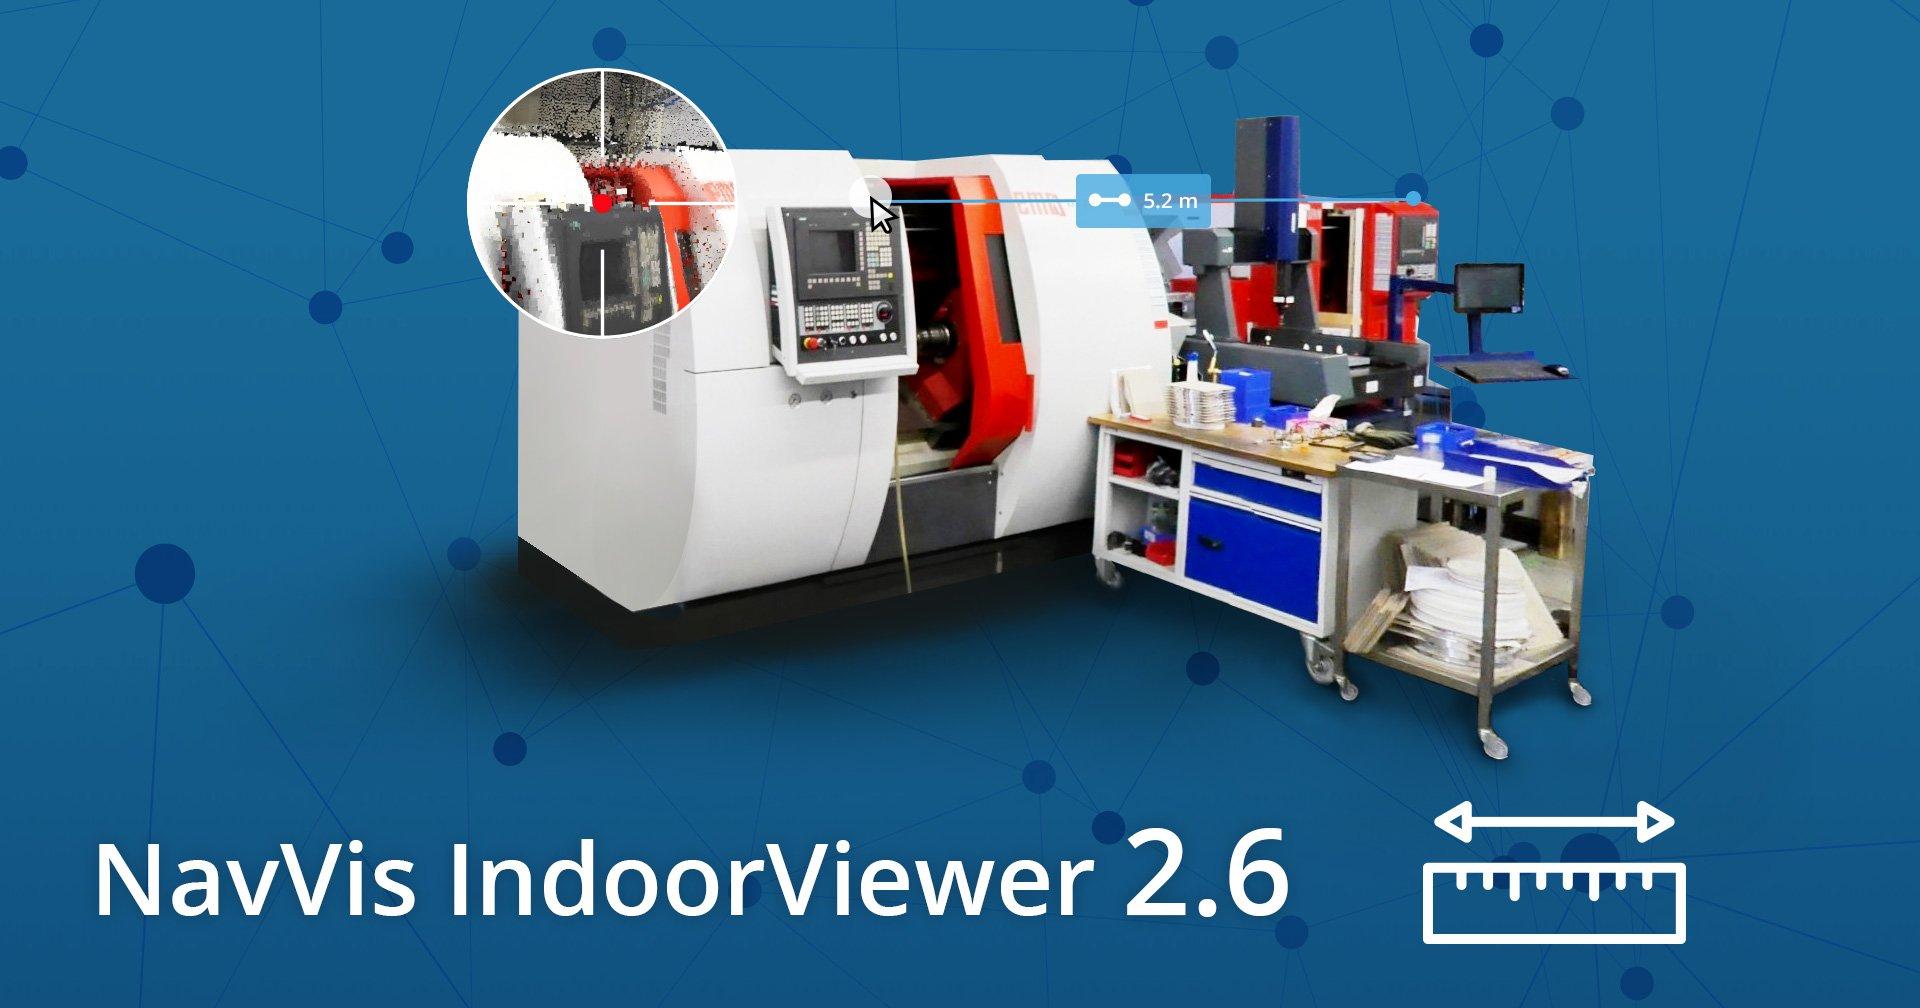 NavVis IndoorViewer 2.6 Banner